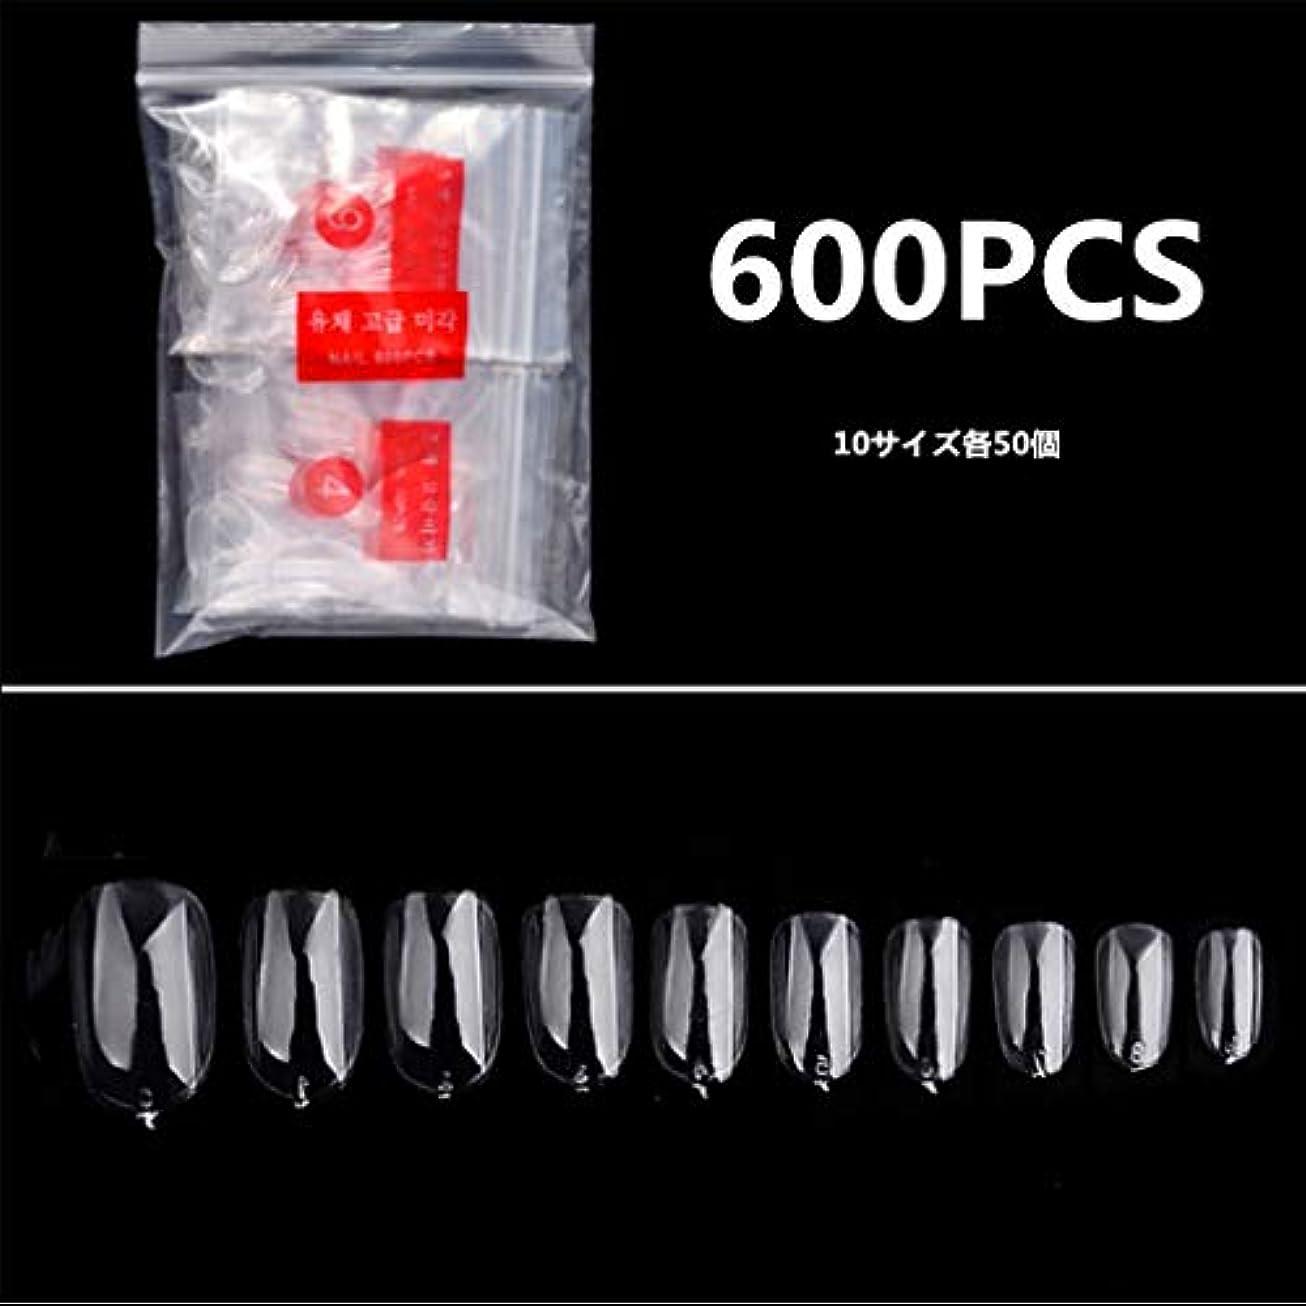 コーラス名門群がるIHOLLY 透明ネイルチップ 600枚入り 10種のサイズ ネイル用品 ネイル飾り デコレーション 無地 付け爪 オーバルフルカバー 透明 DIYネイル